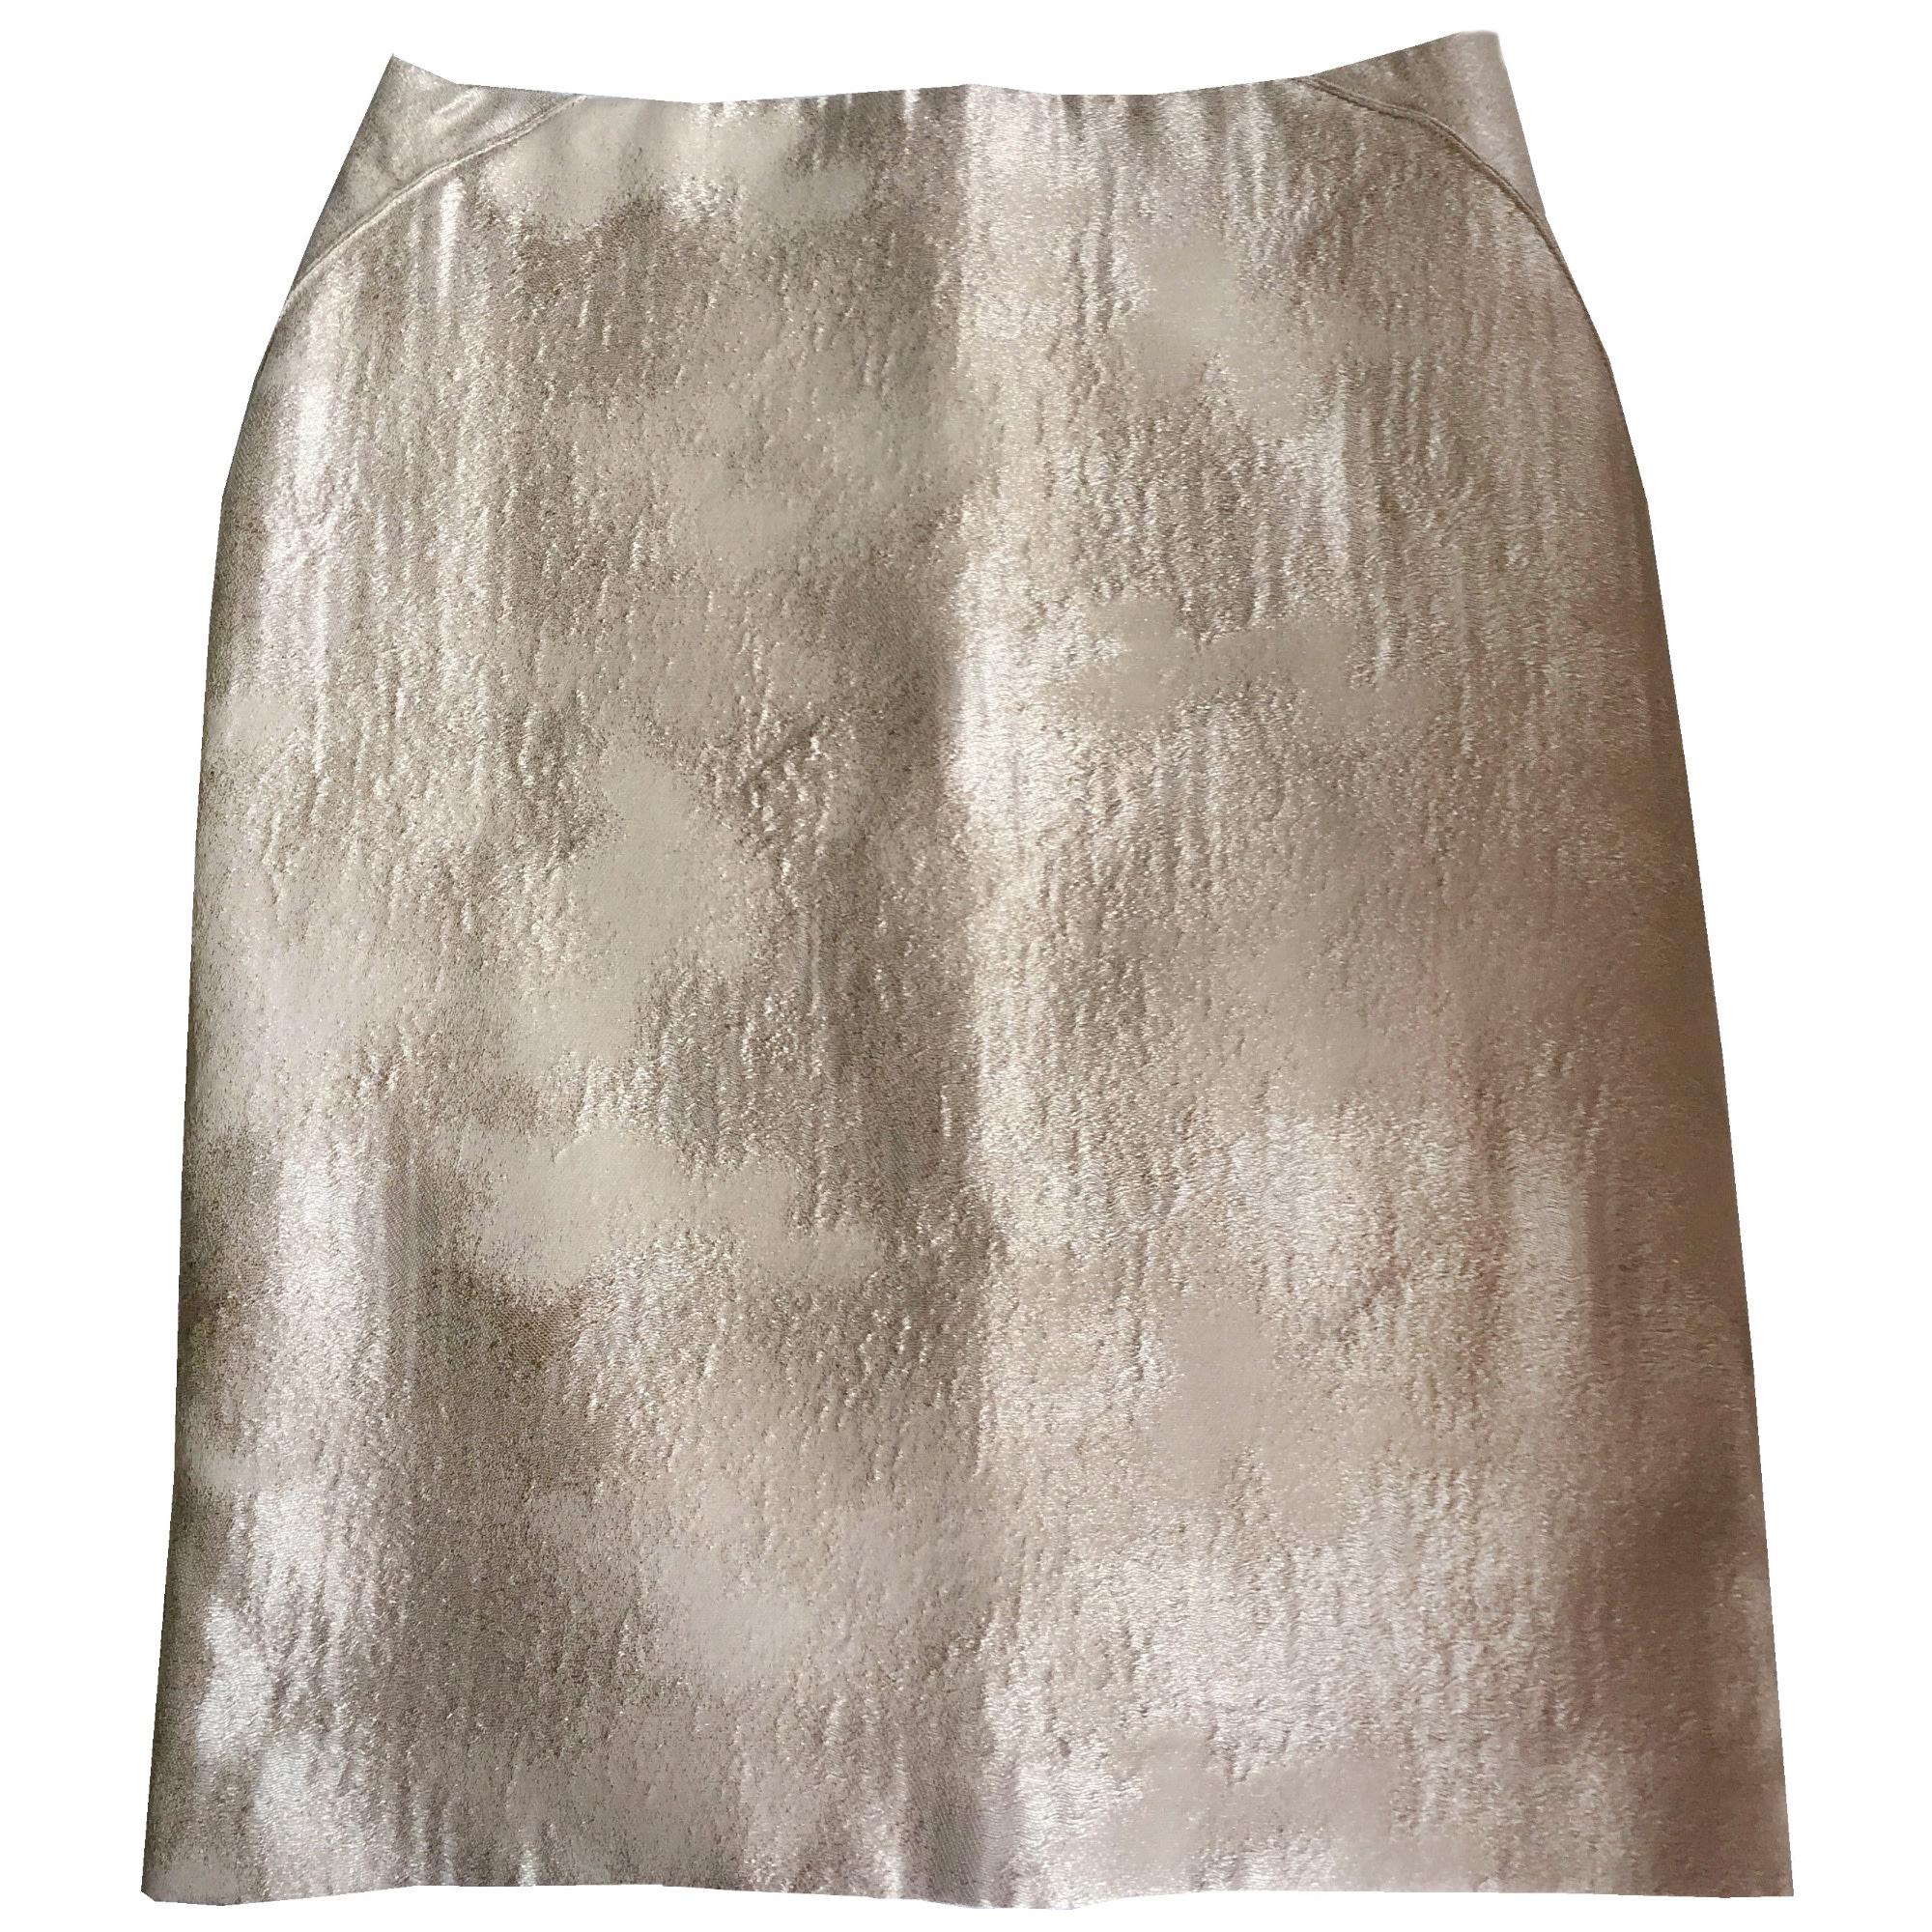 Midi Skirt TARA JARMON Golden, bronze, copper